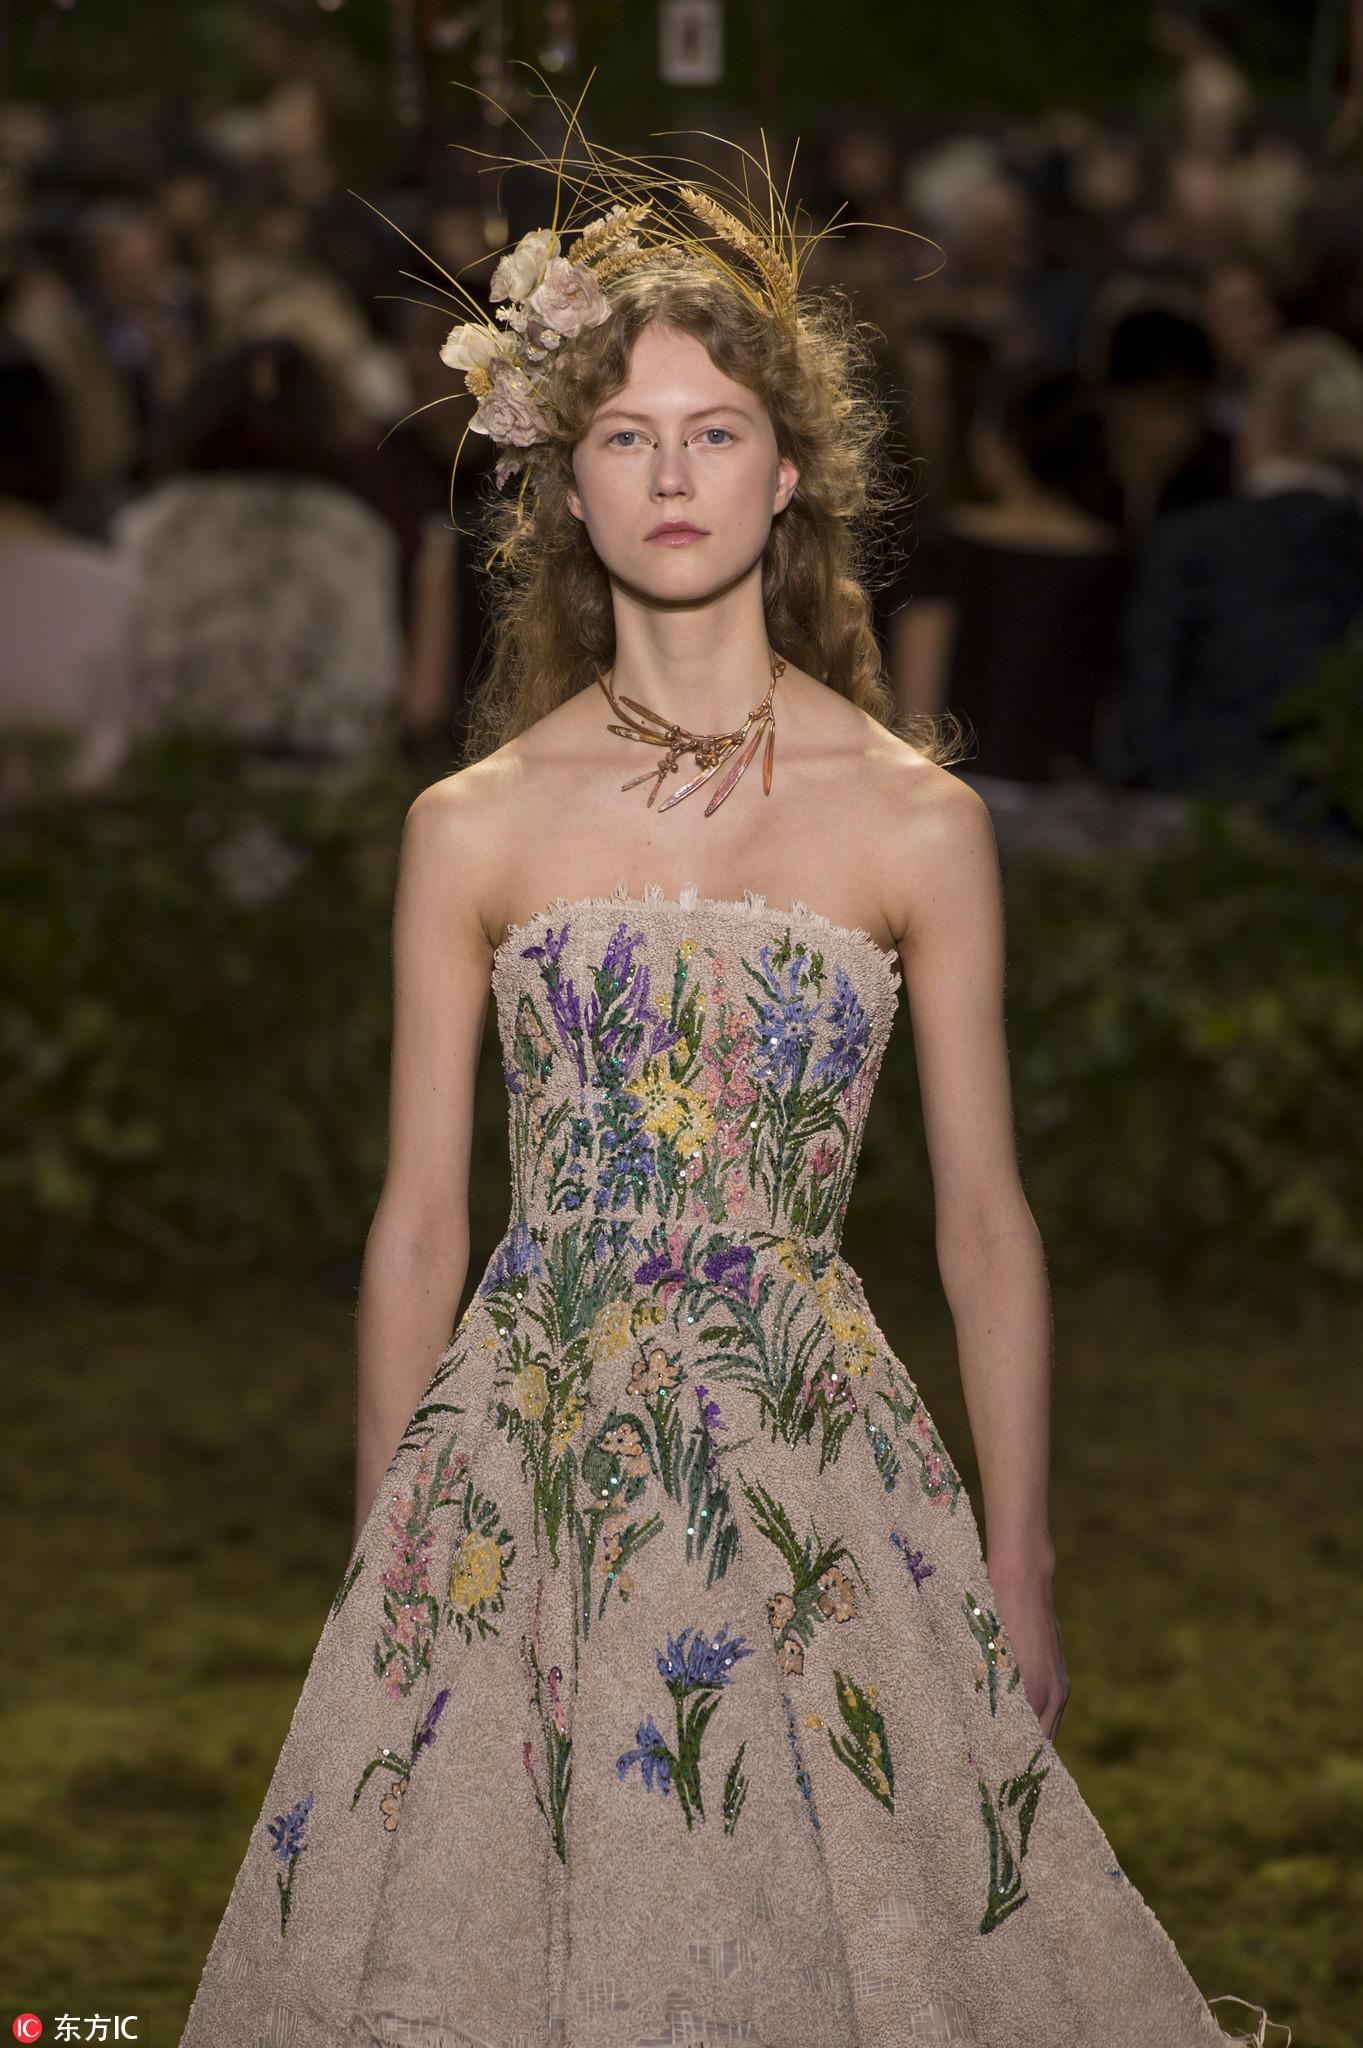 扮女神不仅要有仙女裙 还得有华丽的头饰图片